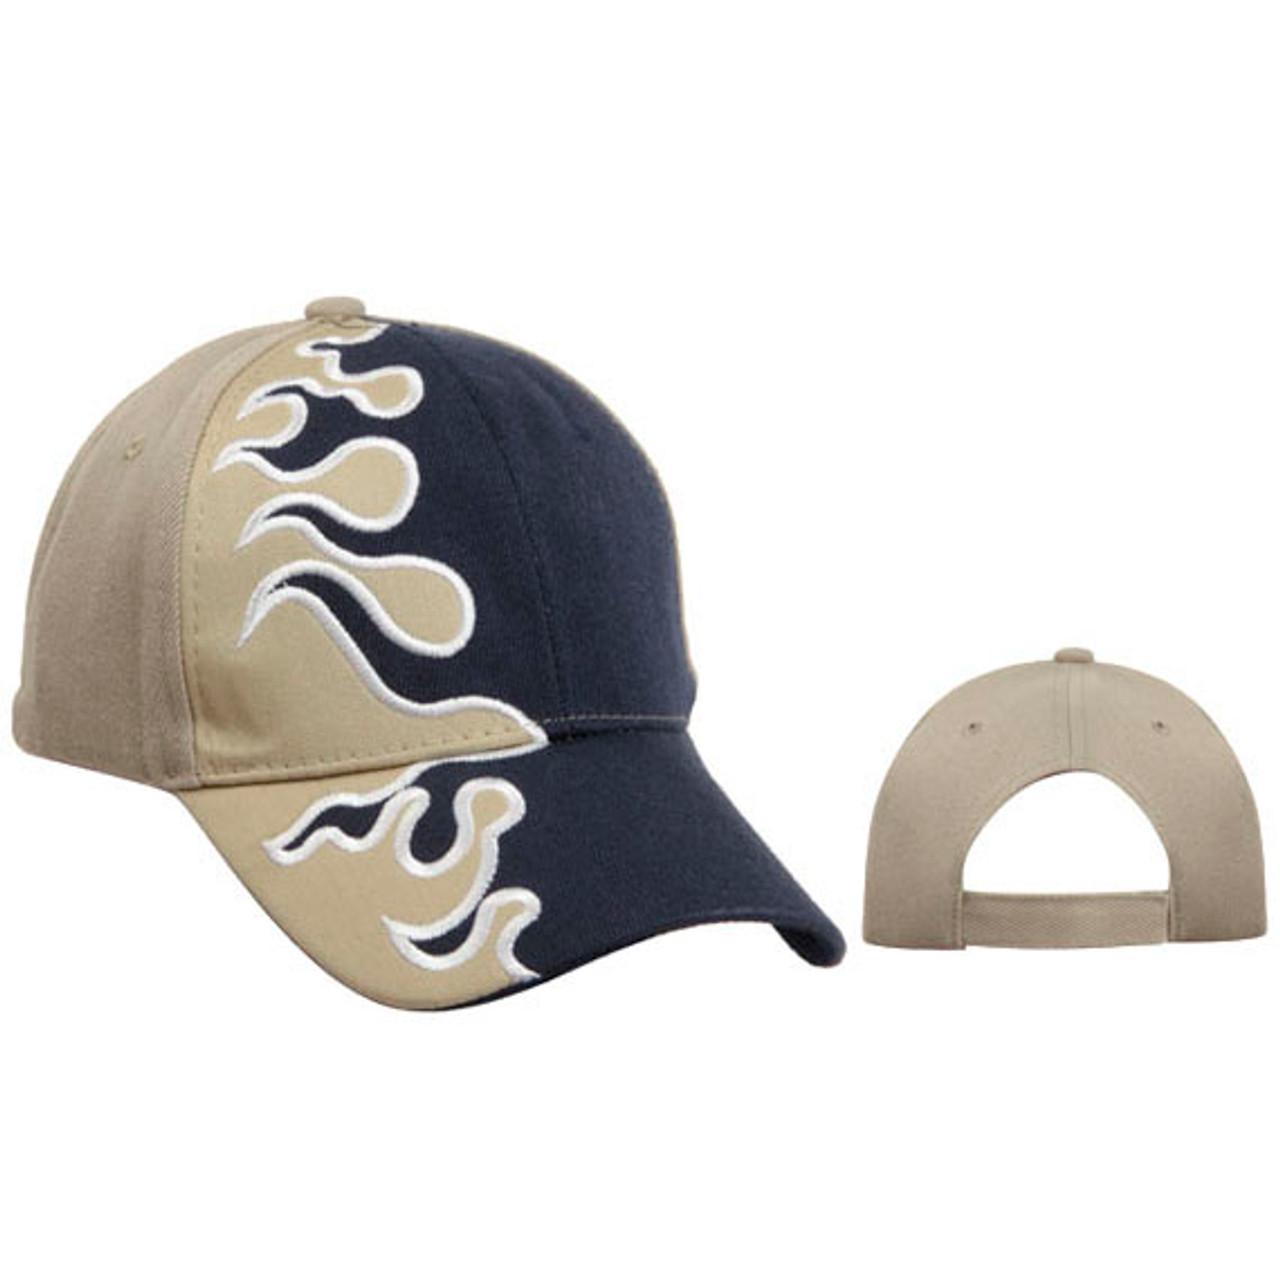 Wholesale Cap with Flames | Khaki & Navy Blue